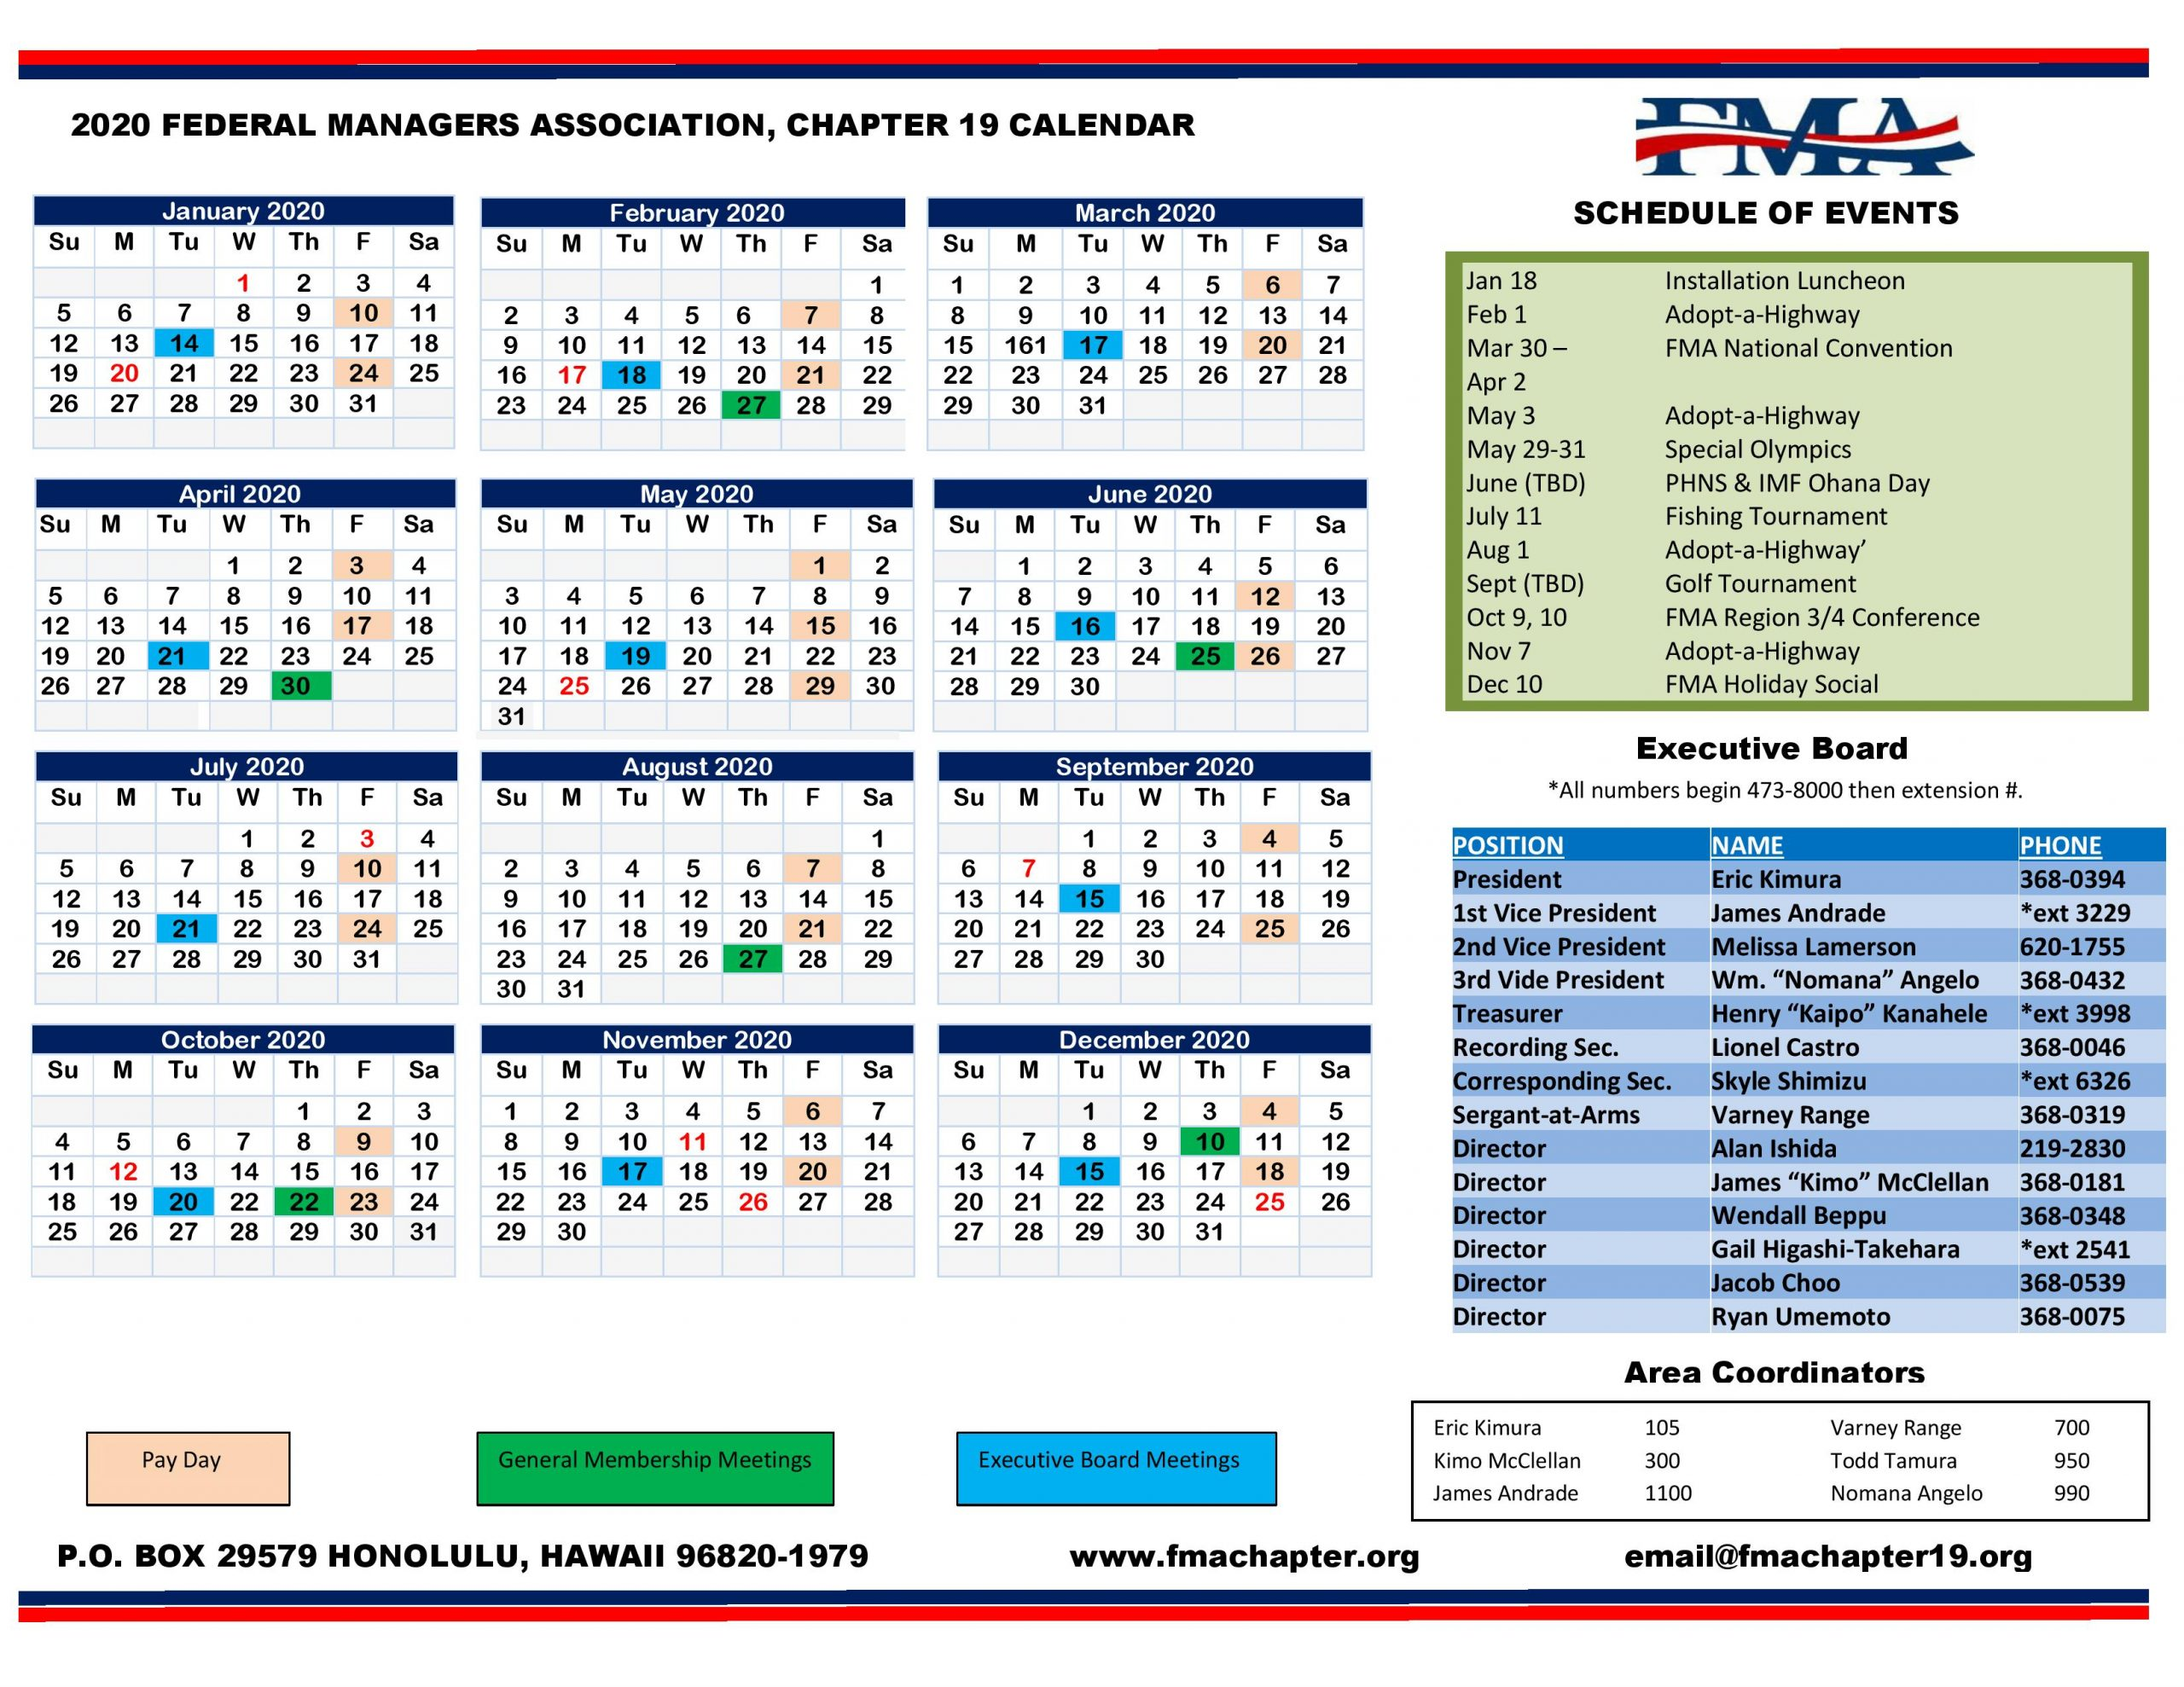 2020 Chapter 19 Calendar